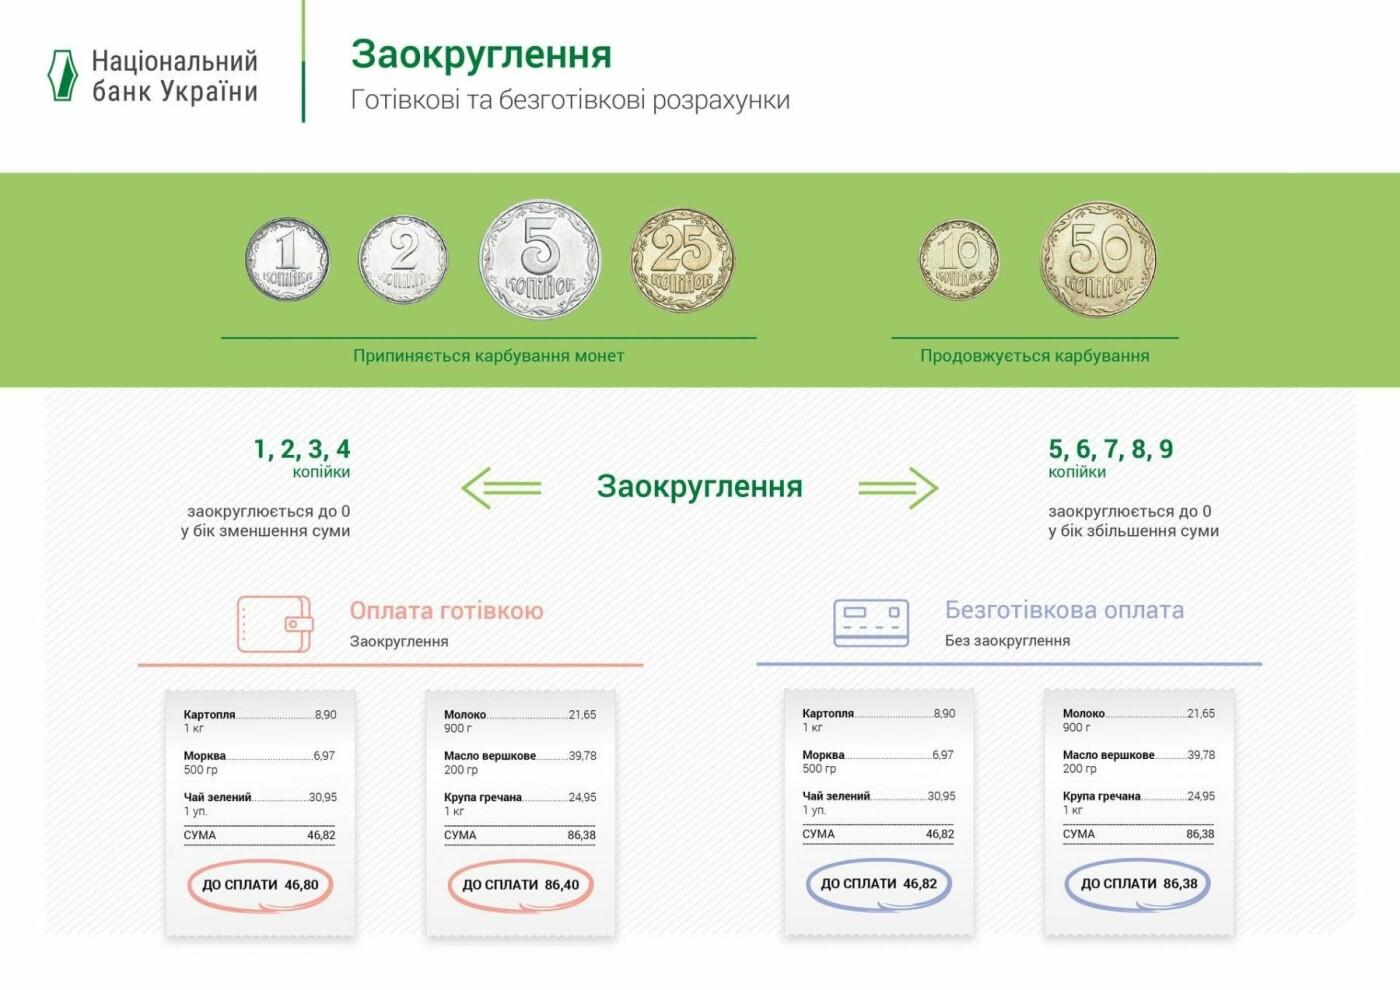 До уваги білоцерківців: з 1 липня в Україні заокруглюватимуть суми при розрахунках готівкою, фото-1